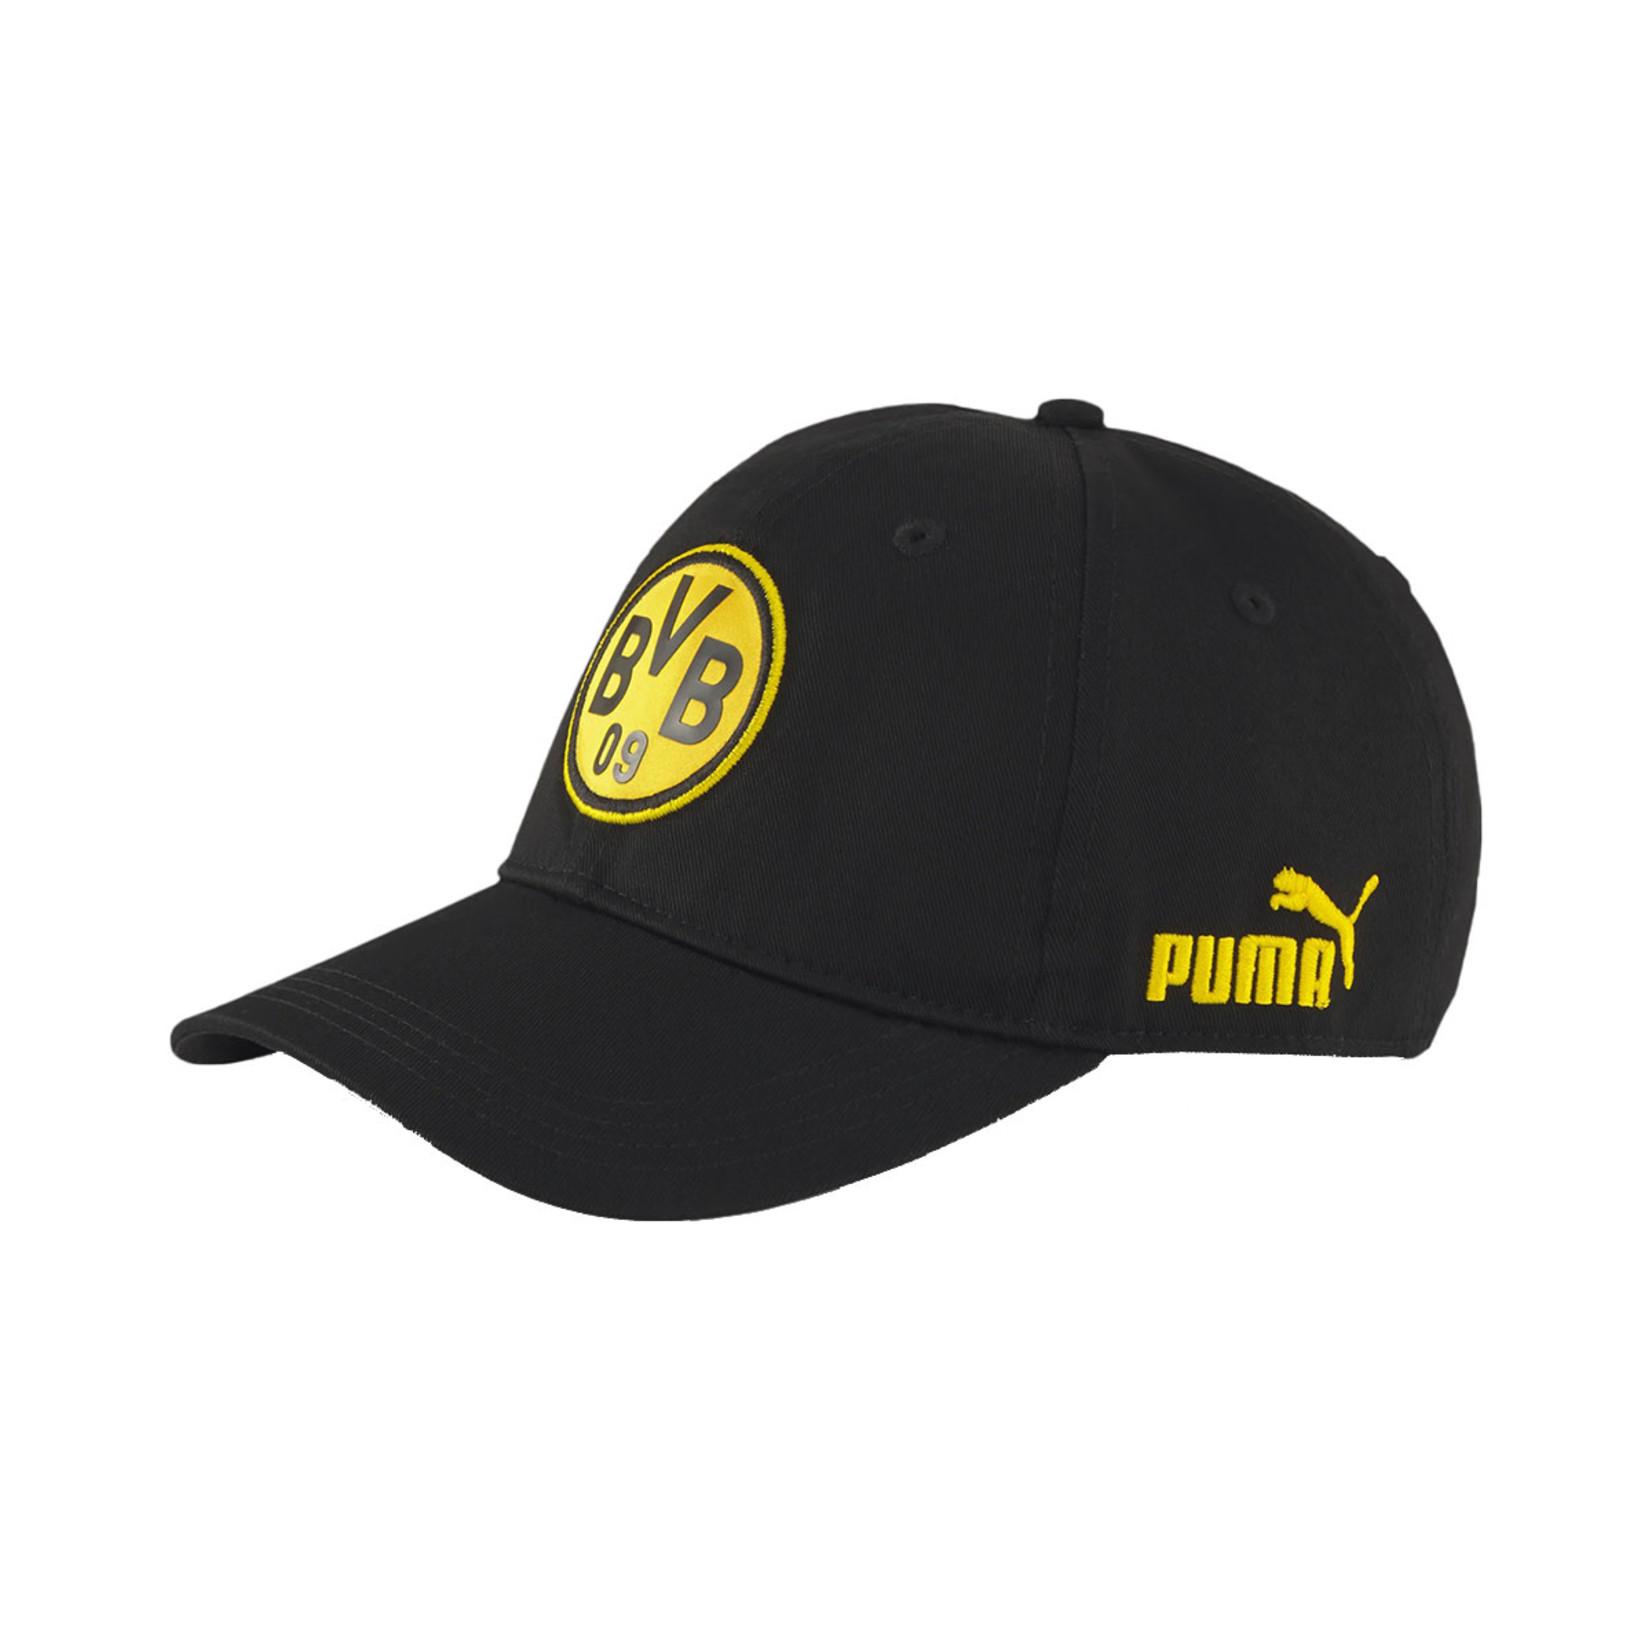 PUMA DORTMUND 20/21 ftblCULTURE CAP